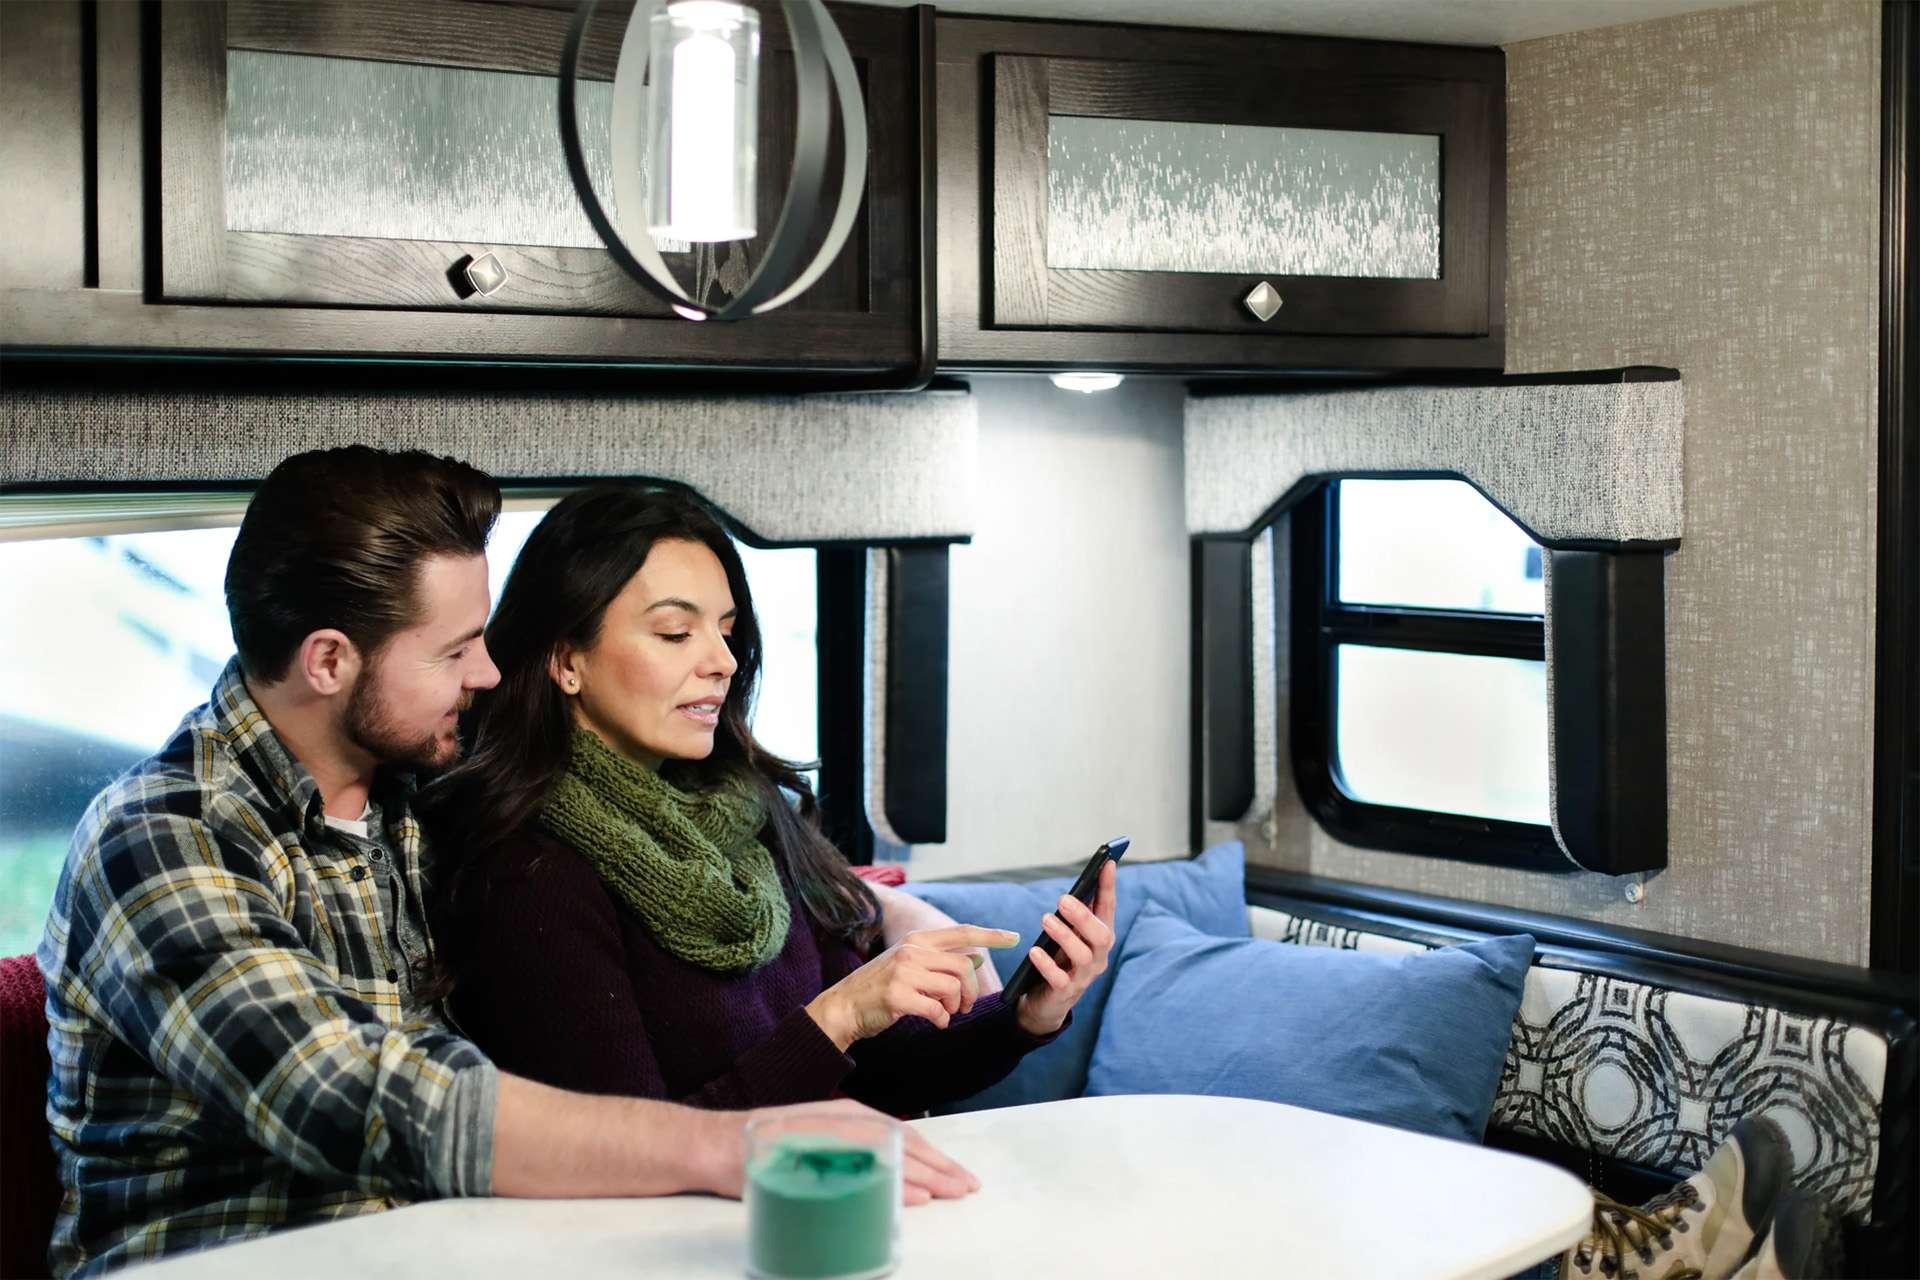 Bild eines Paares in einem Wohnmobil an einem Smartphone.